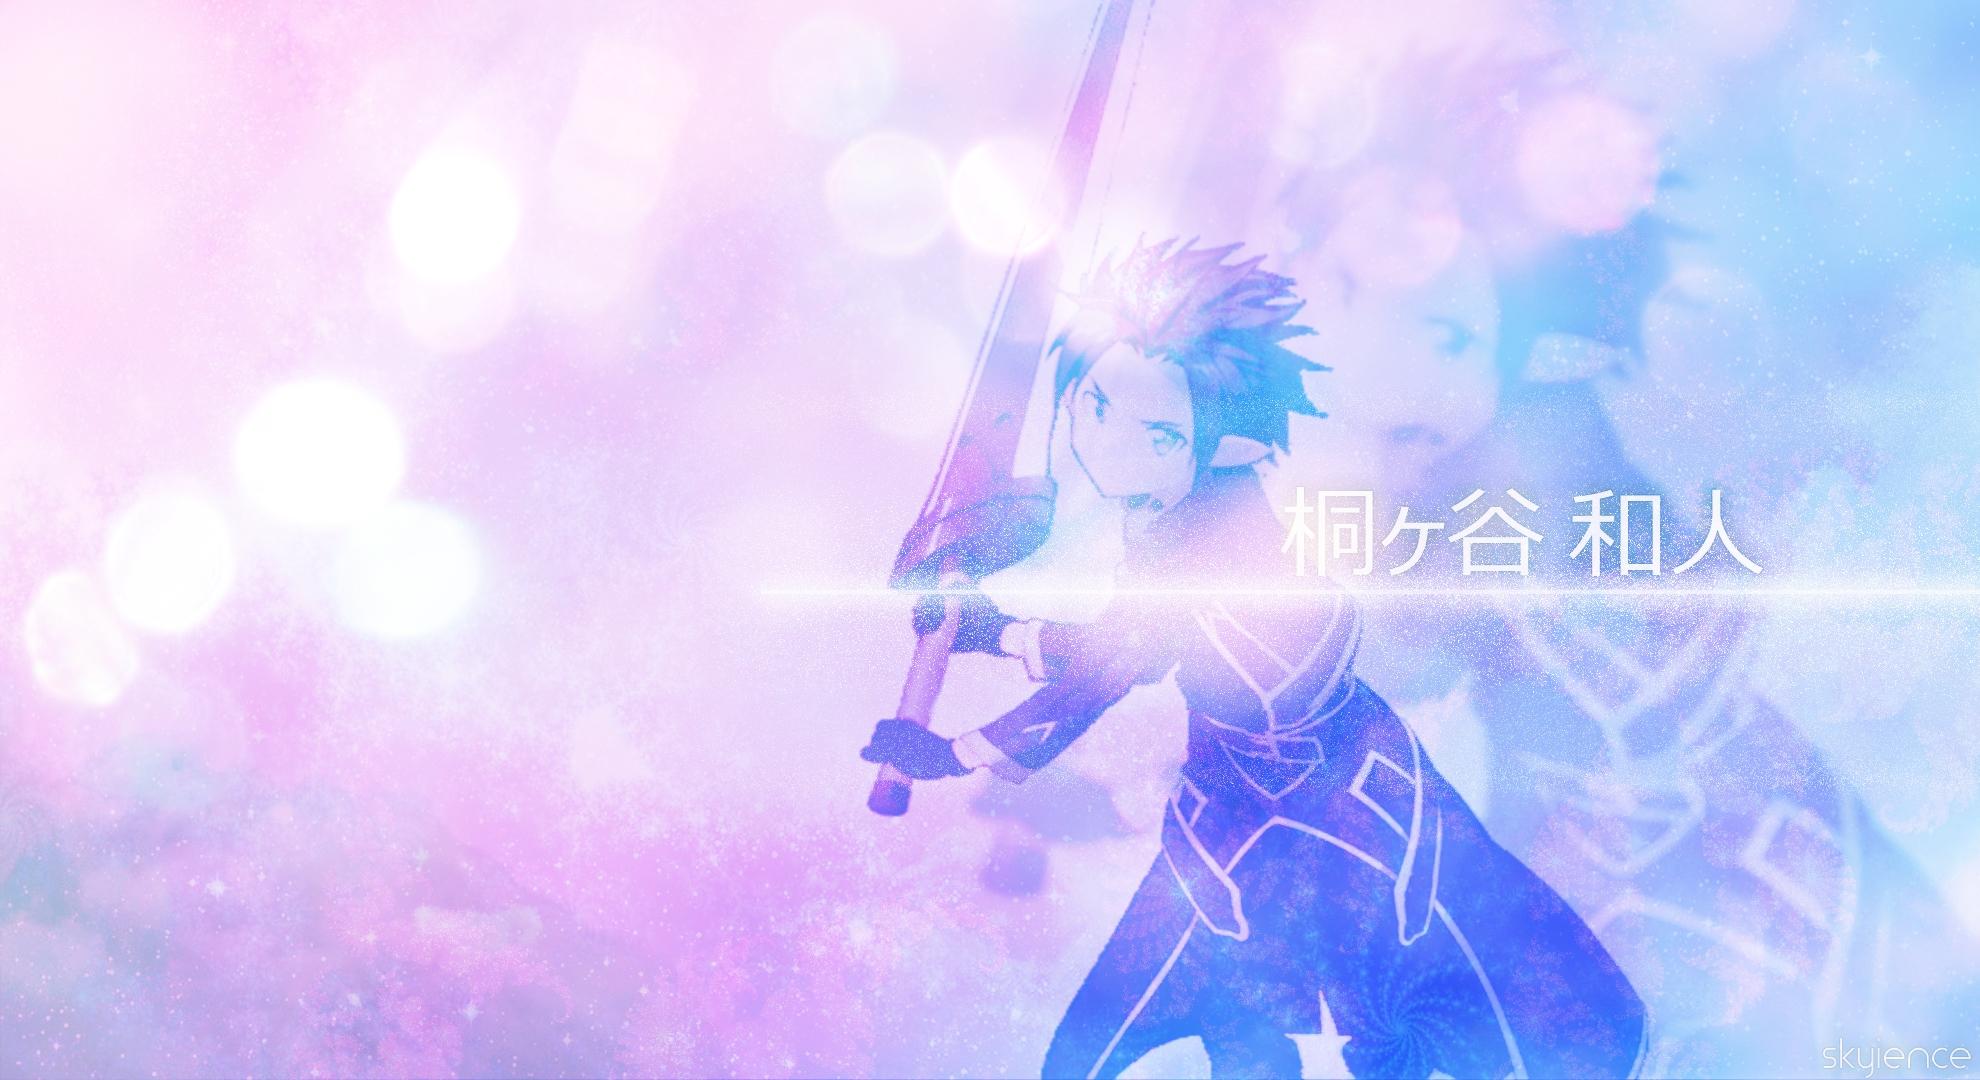 Sword Art Online - Kirito Edit